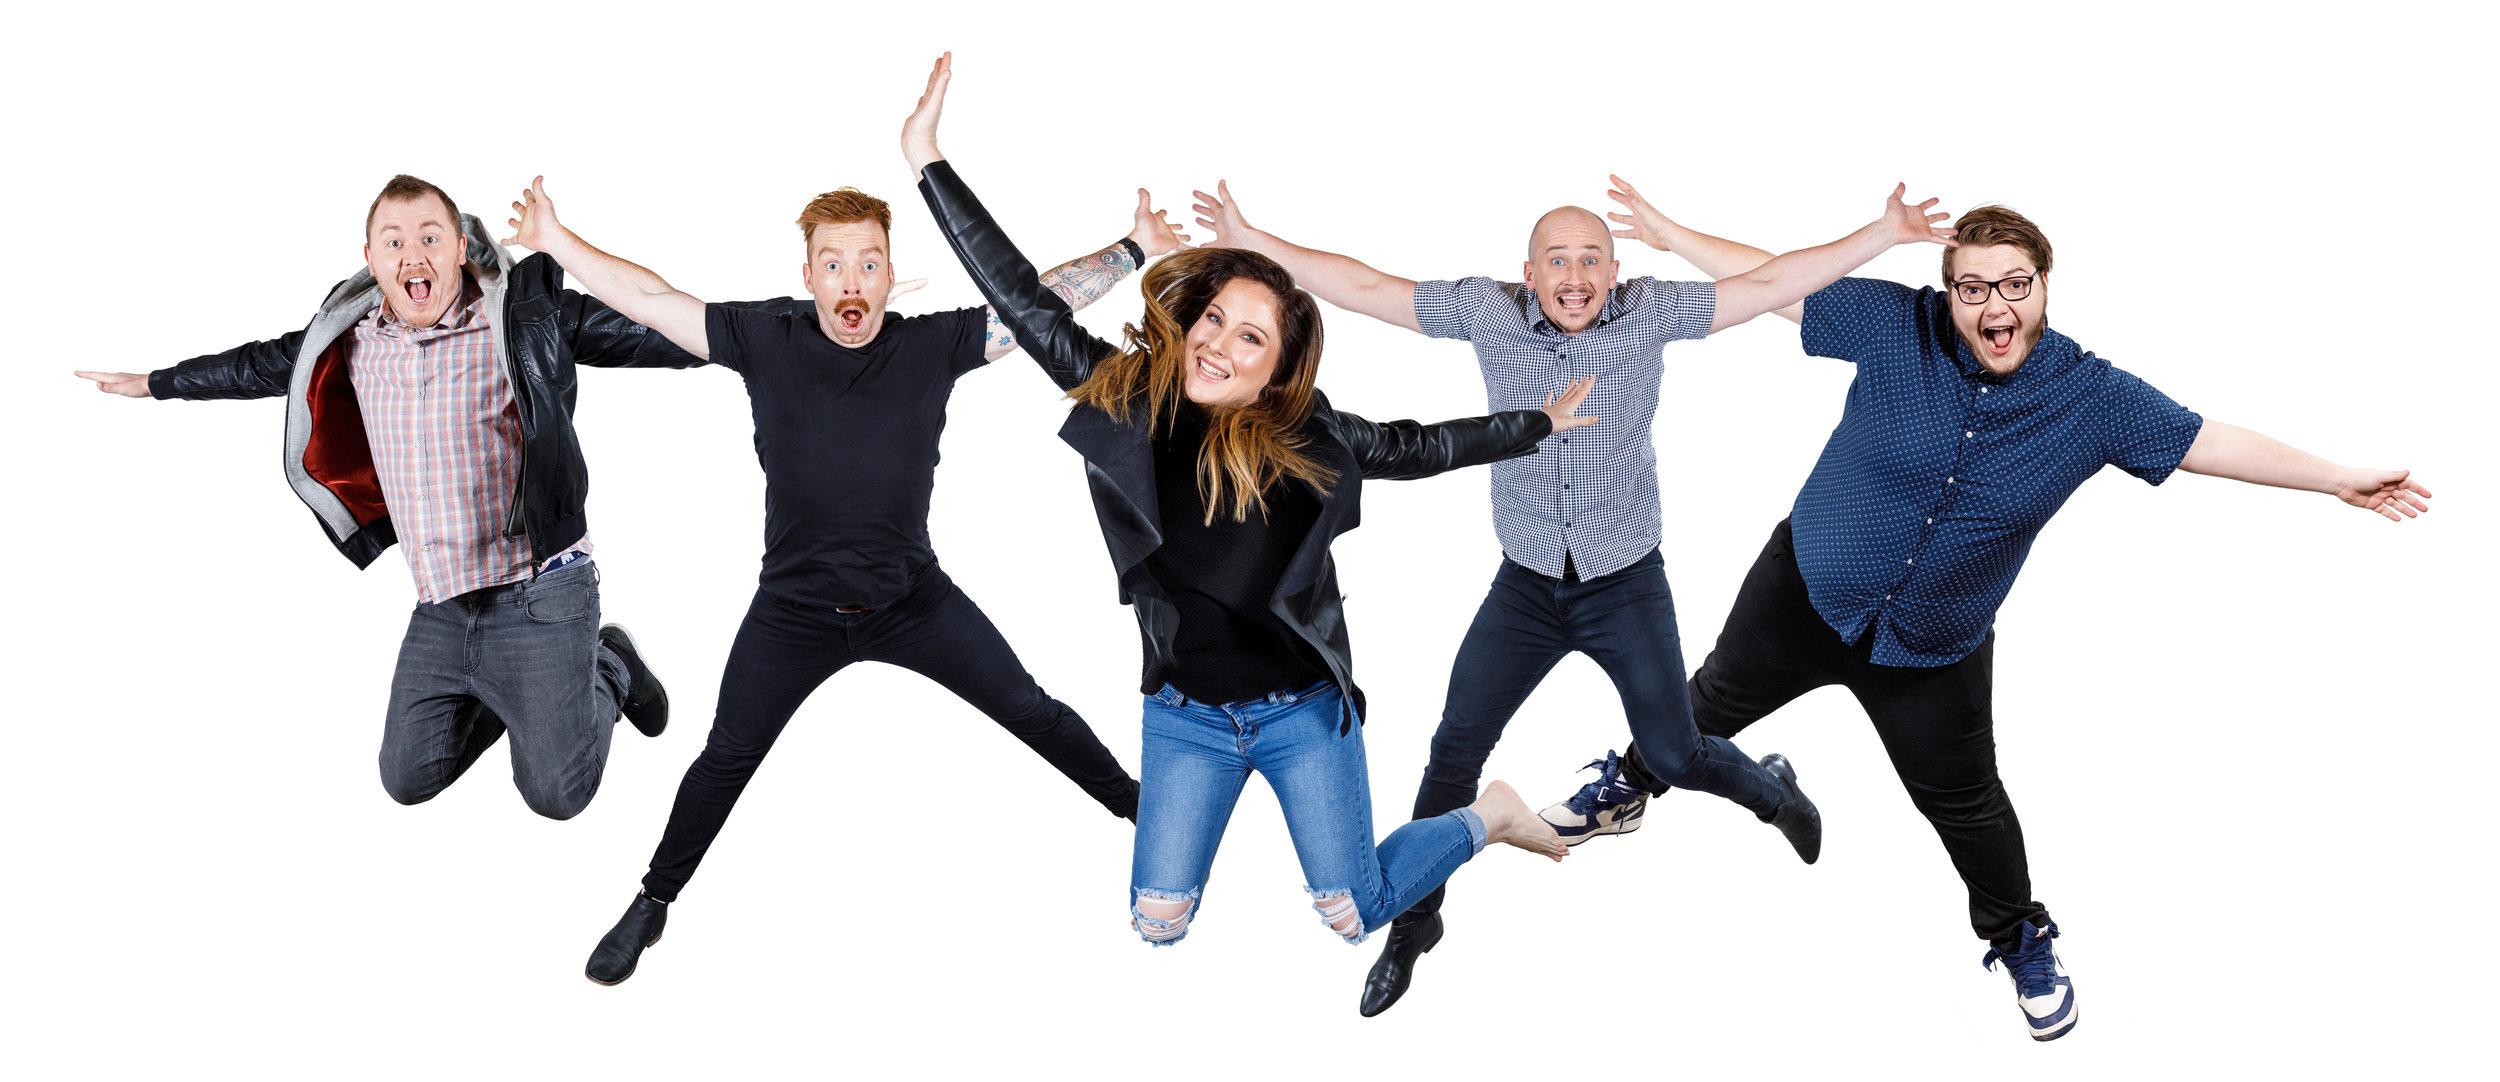 2017-10-12 - KRock Team - Jumping - All.jpg